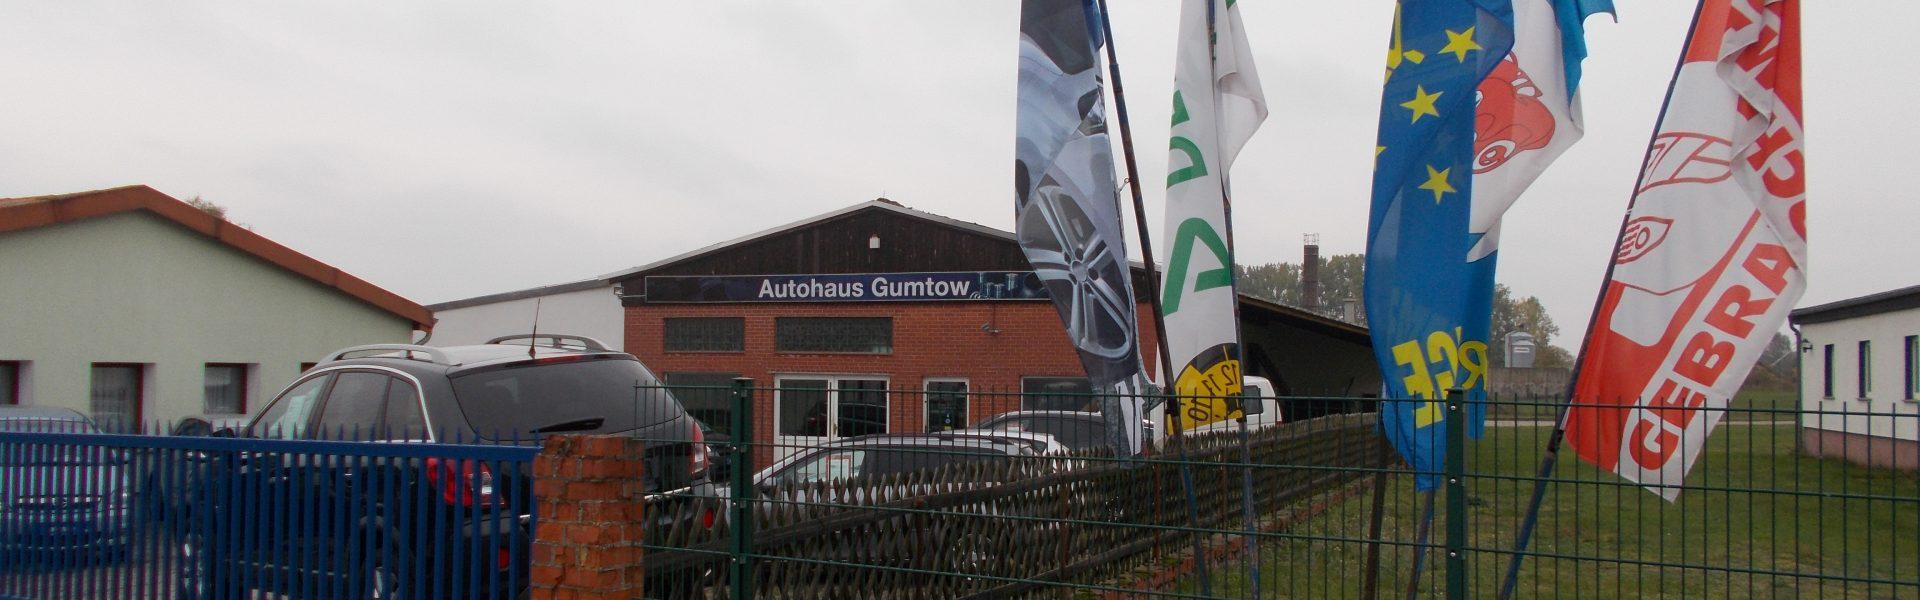 Autohaus Gumtow